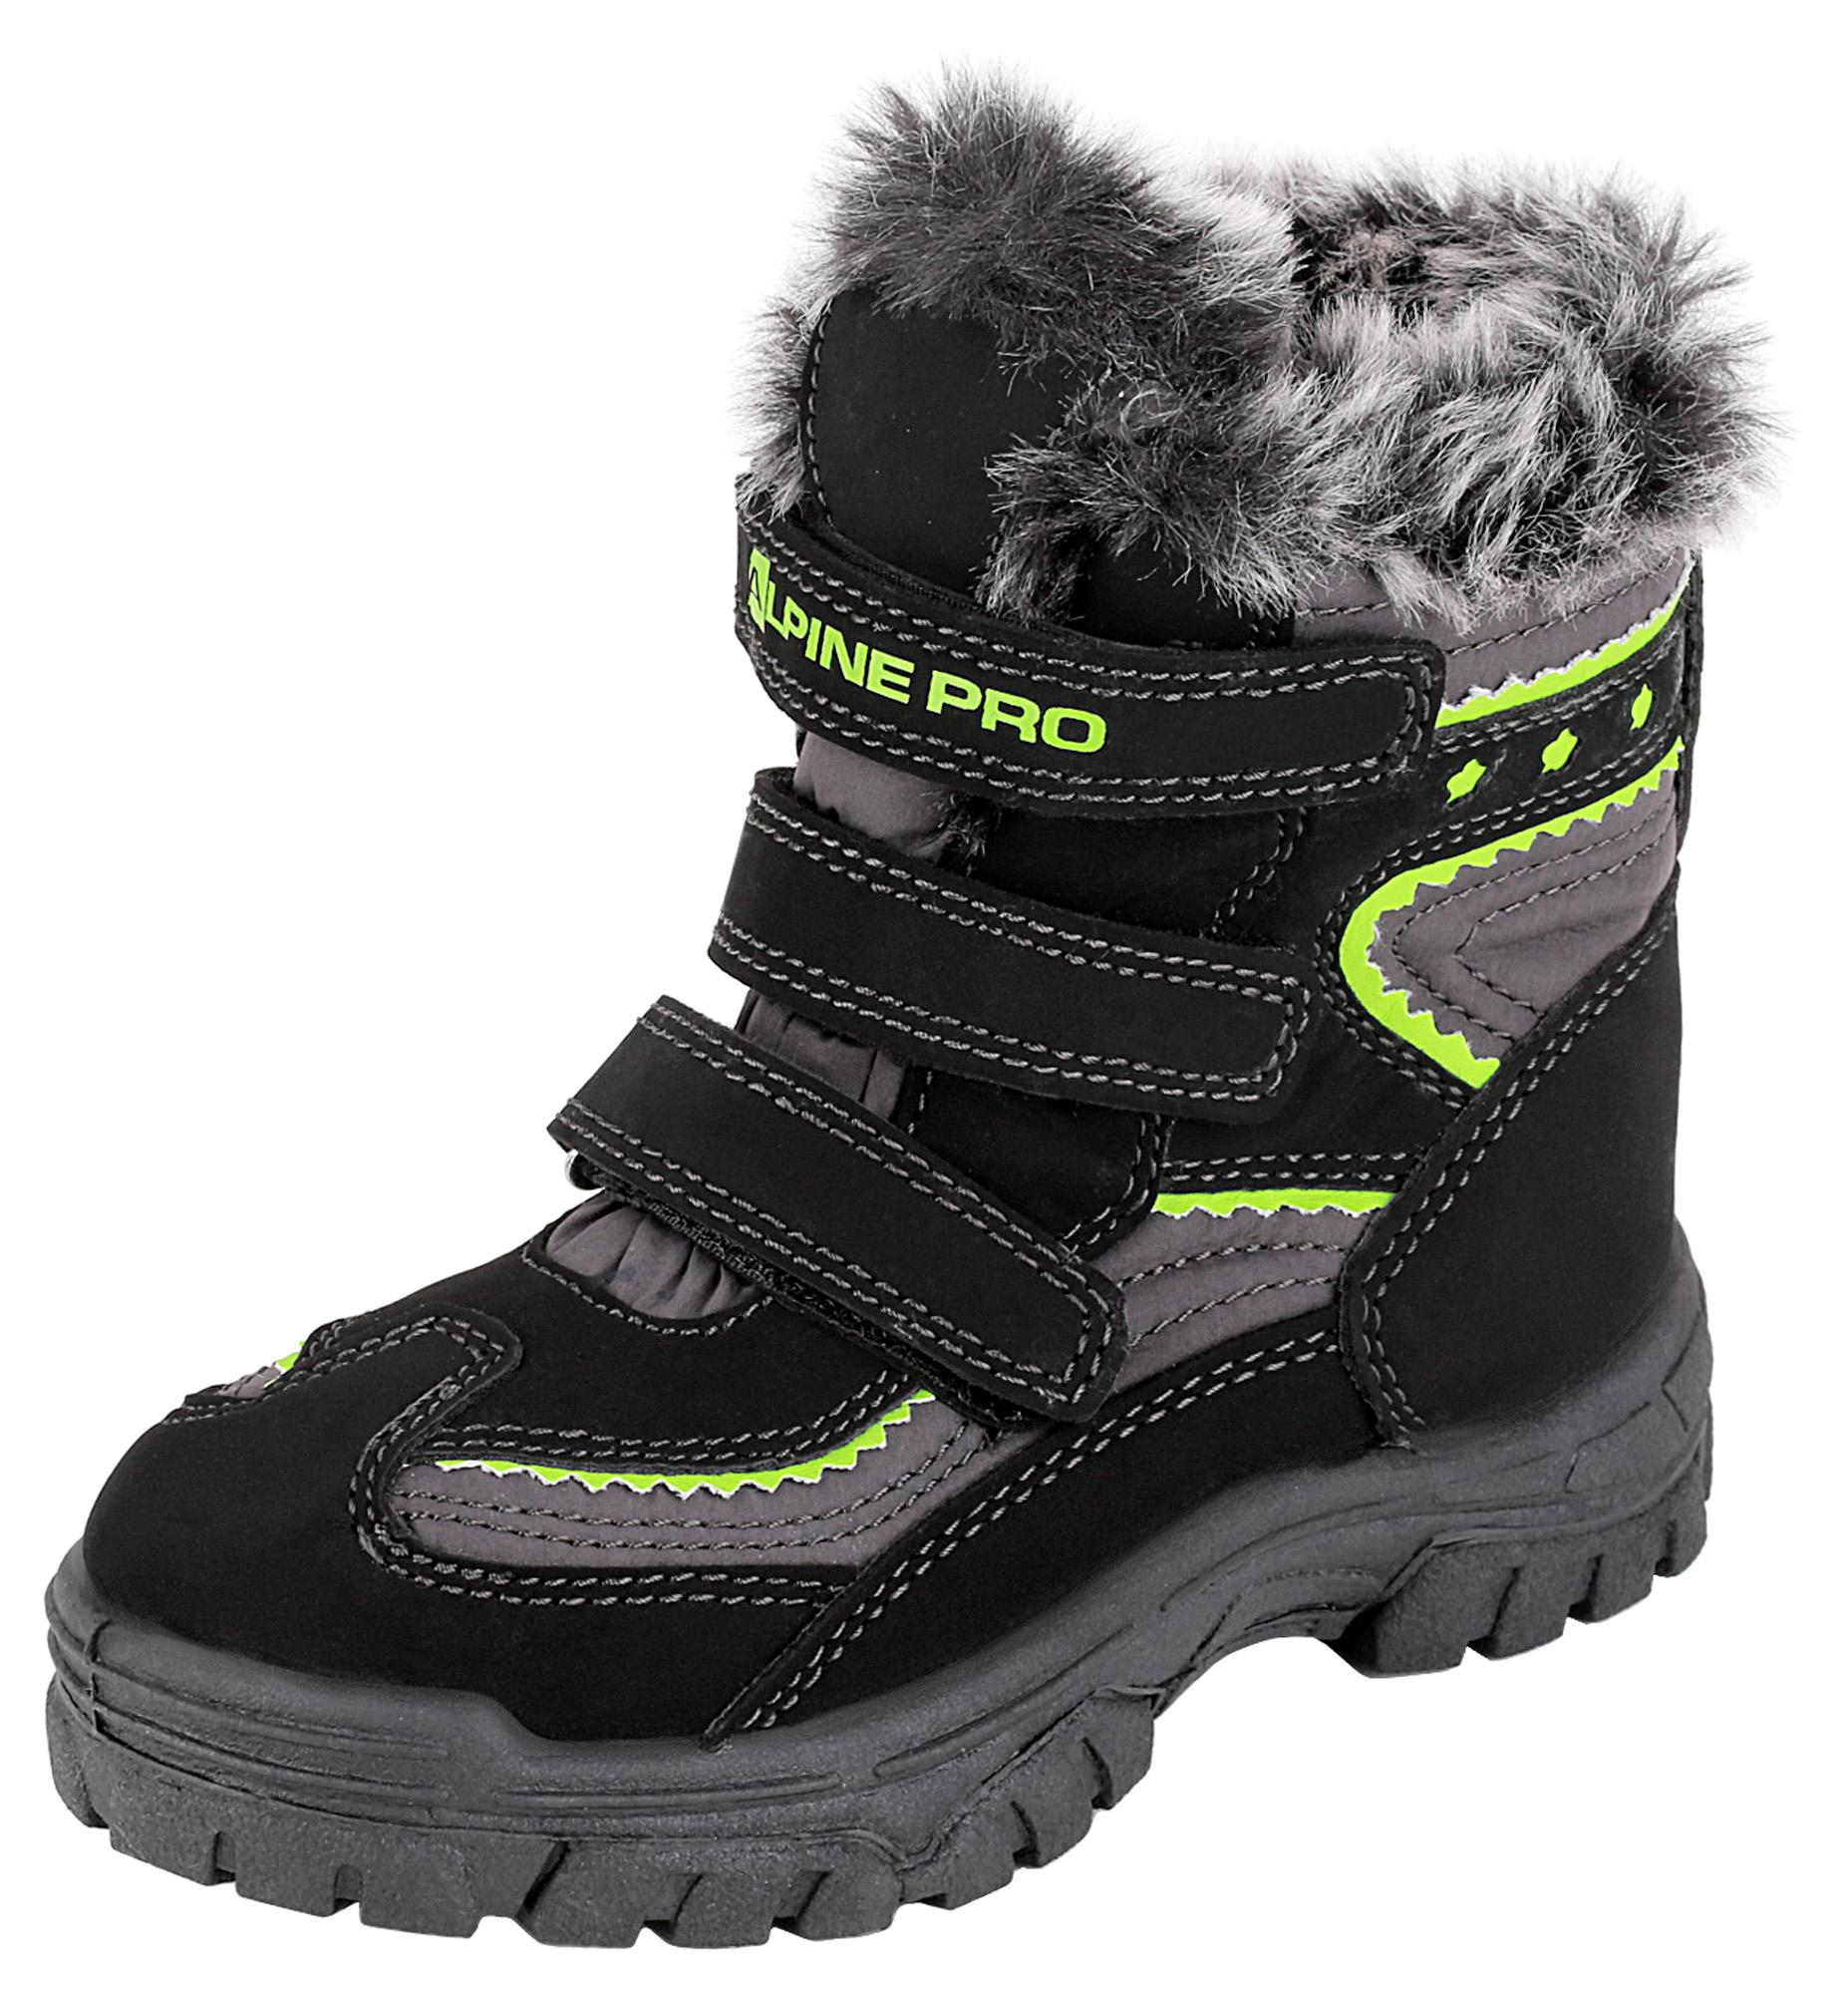 ALPINE PRO Detská zimná obuv Flea - žlto-čierne 2a03b2e16b8